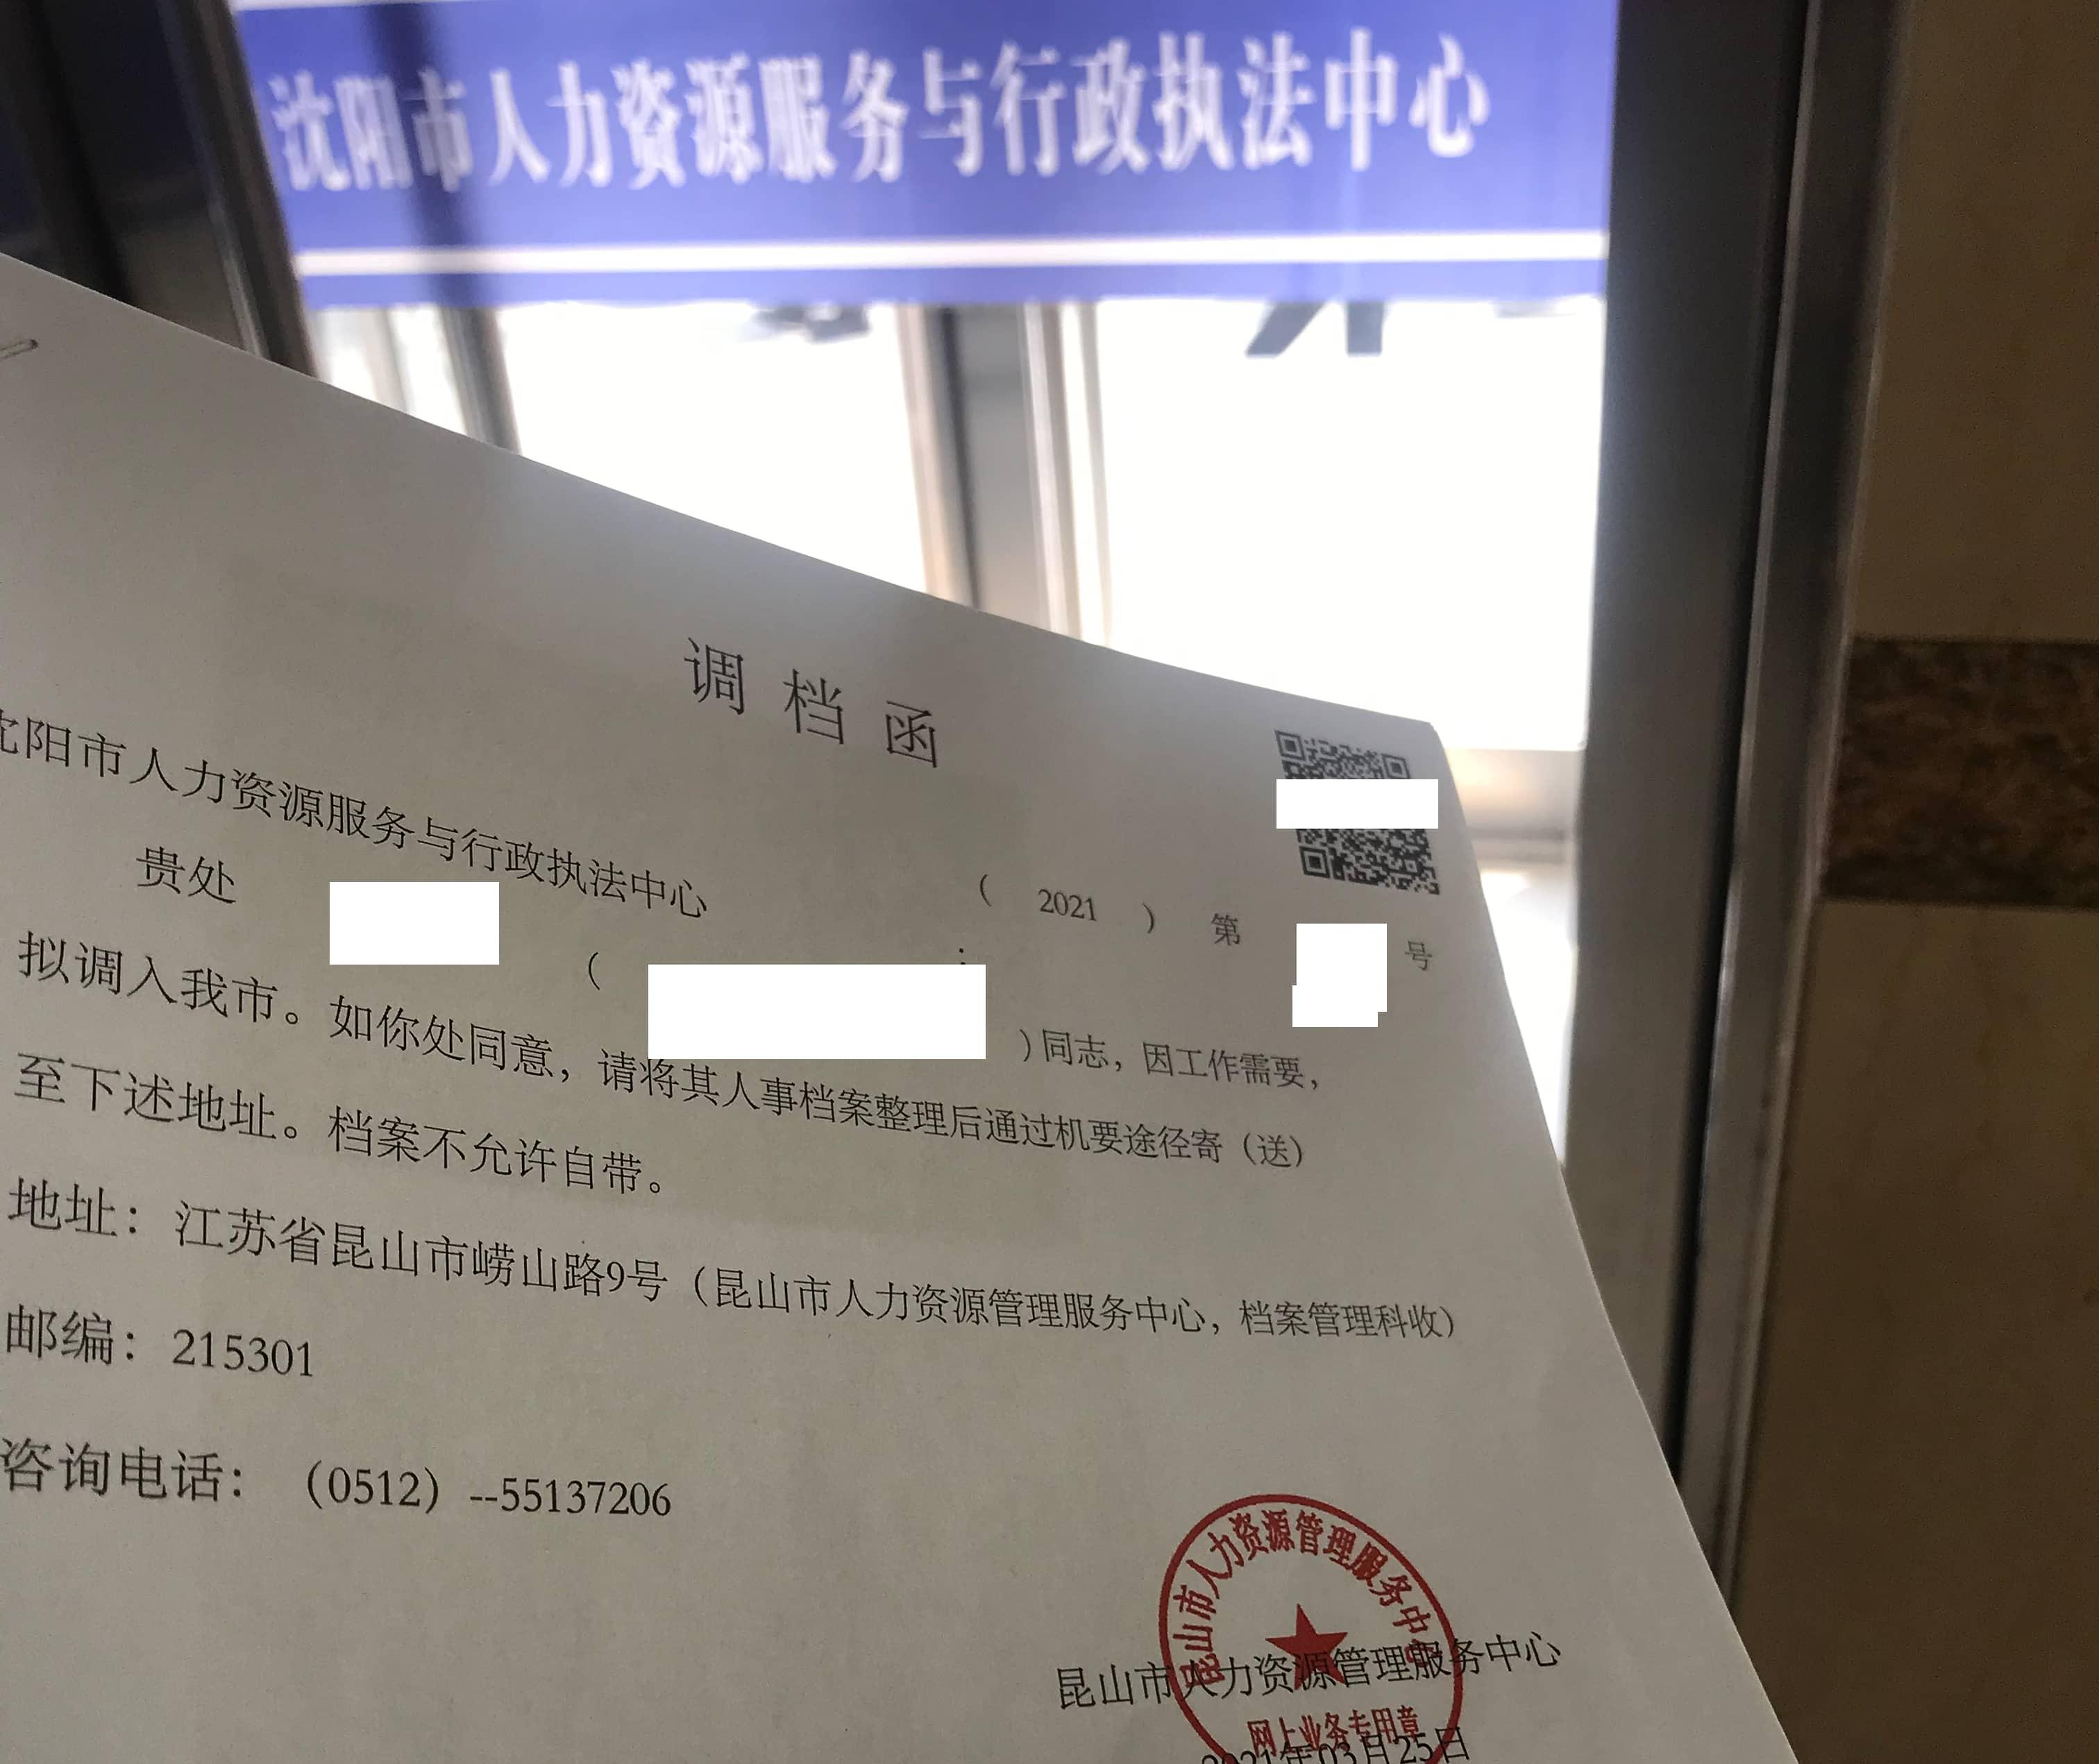 沈阳市人力资源服务与行政执法中心人事档案转昆山人才